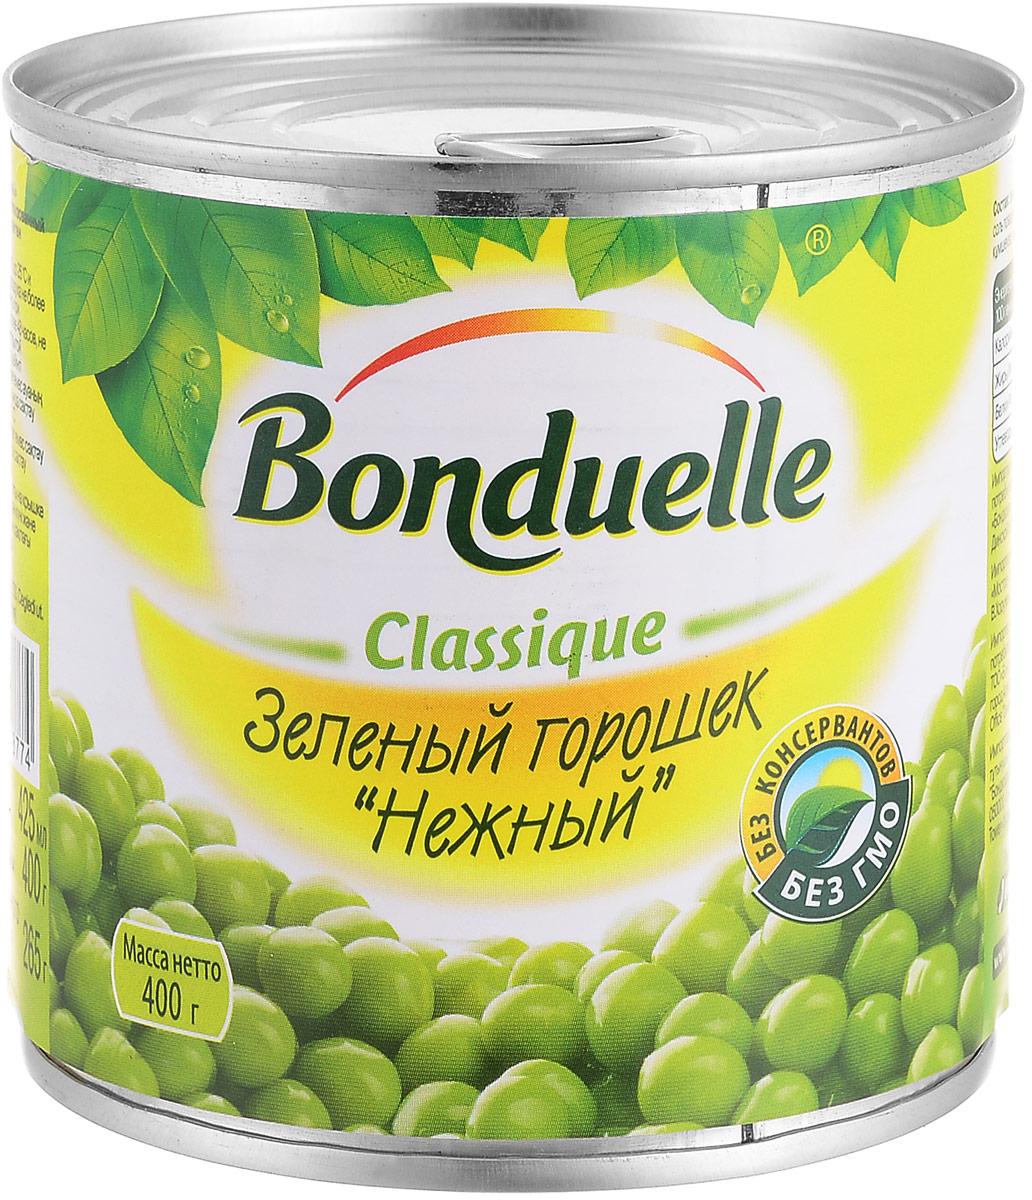 Bonduelle зеленый горошек Нежный, 400 г2447Нежнейший и сладкий зеленый горошек непревзойденного качества тщательно отбирается, прежде чем попасть в банку. Только у Bonduelle процесс от сбора с грядки до упаковки проходит всего за 4 часа - поэтому на вашем столе всегда самый лучший горошек мозговых сортов, в котором содержится меньше крахмала, больше витаминов и яркого вкуса.Уважаемые клиенты! Обращаем ваше внимание, что полный перечень состава продукта представлен на дополнительном изображении.